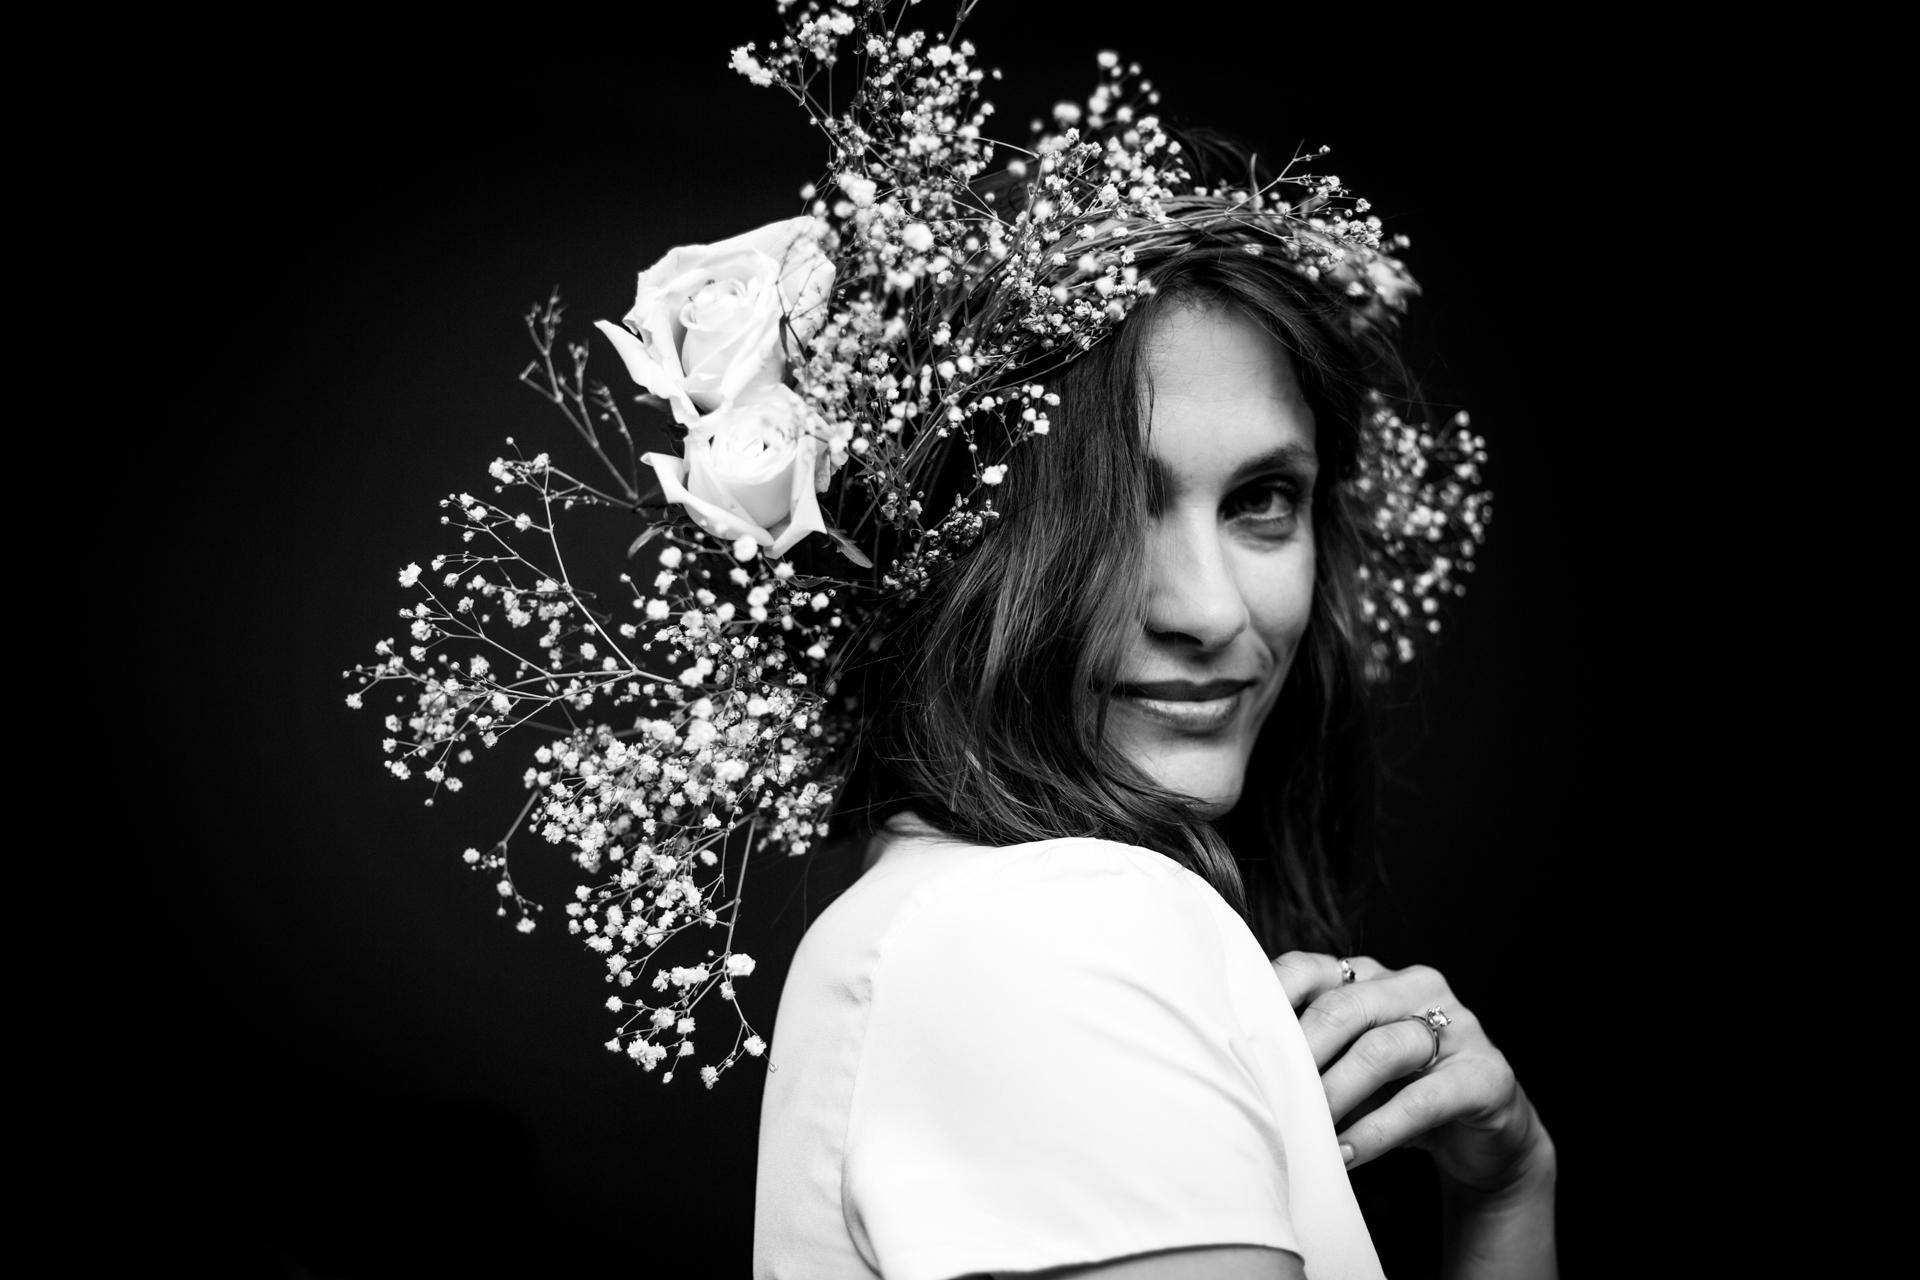 Lili_bridal-52.jpg